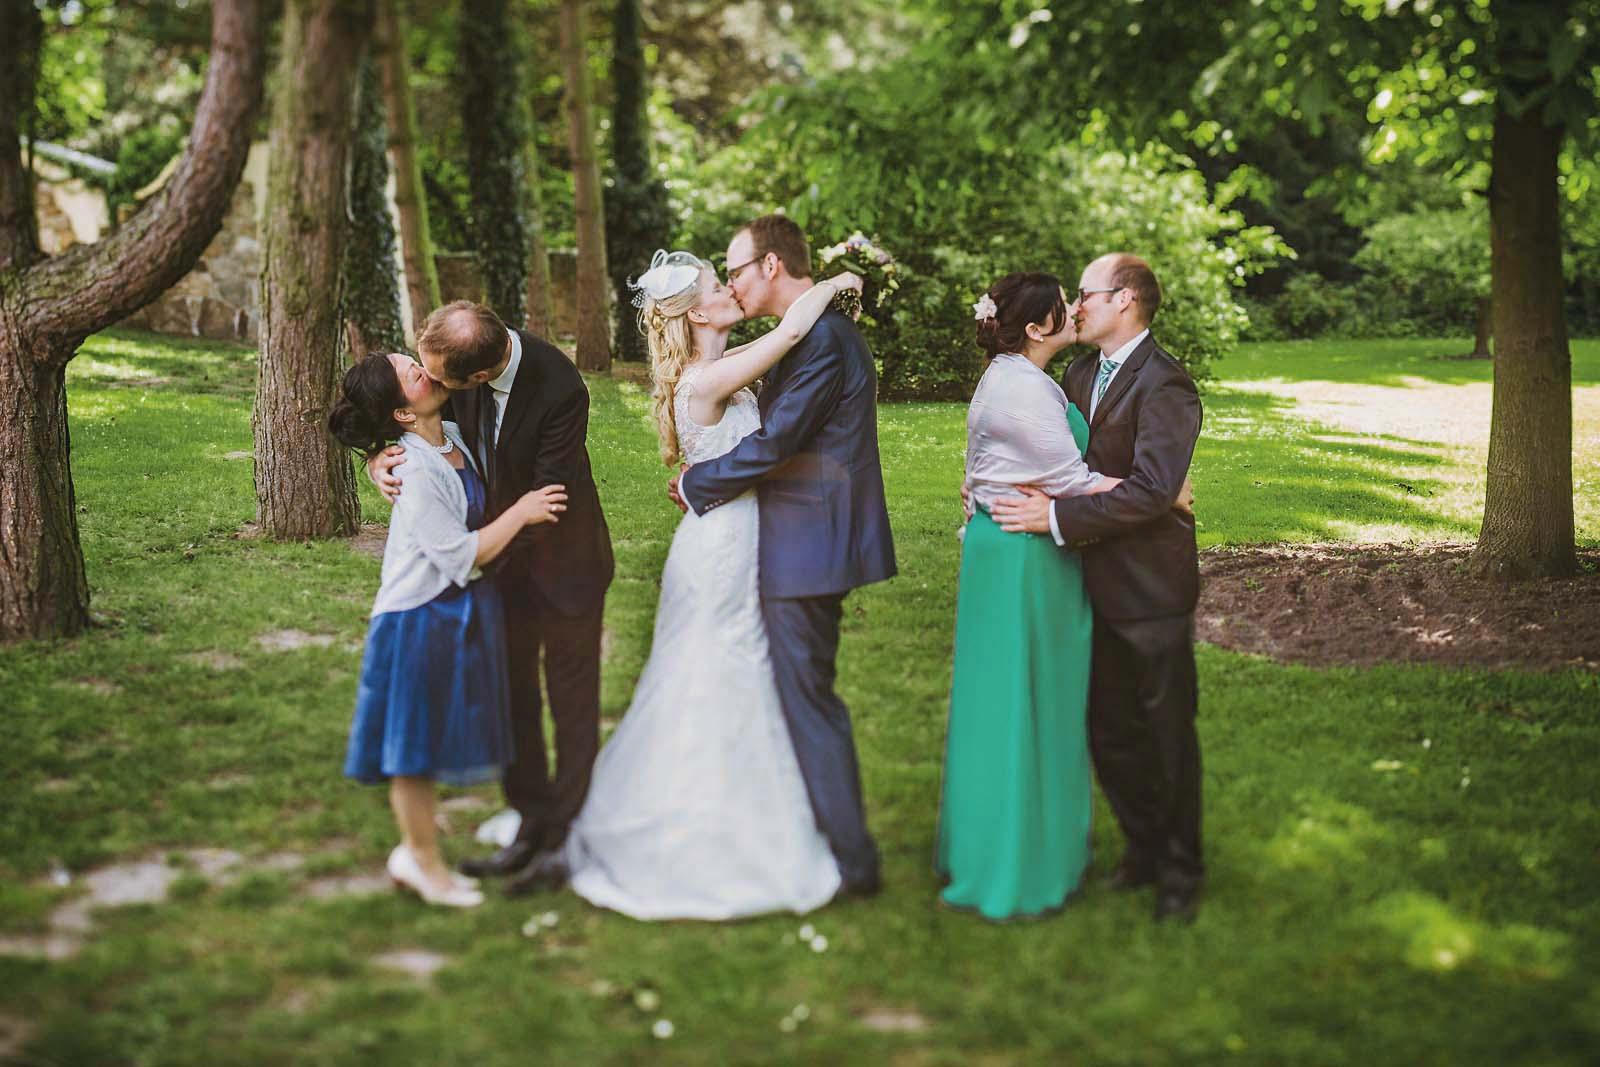 Brautpaar kuesst sich auf Gruppenfoto vom Hochzeitsfotograf Copyright by Hochzeitsfotograf www.berliner-hochzeitsfotografie.de